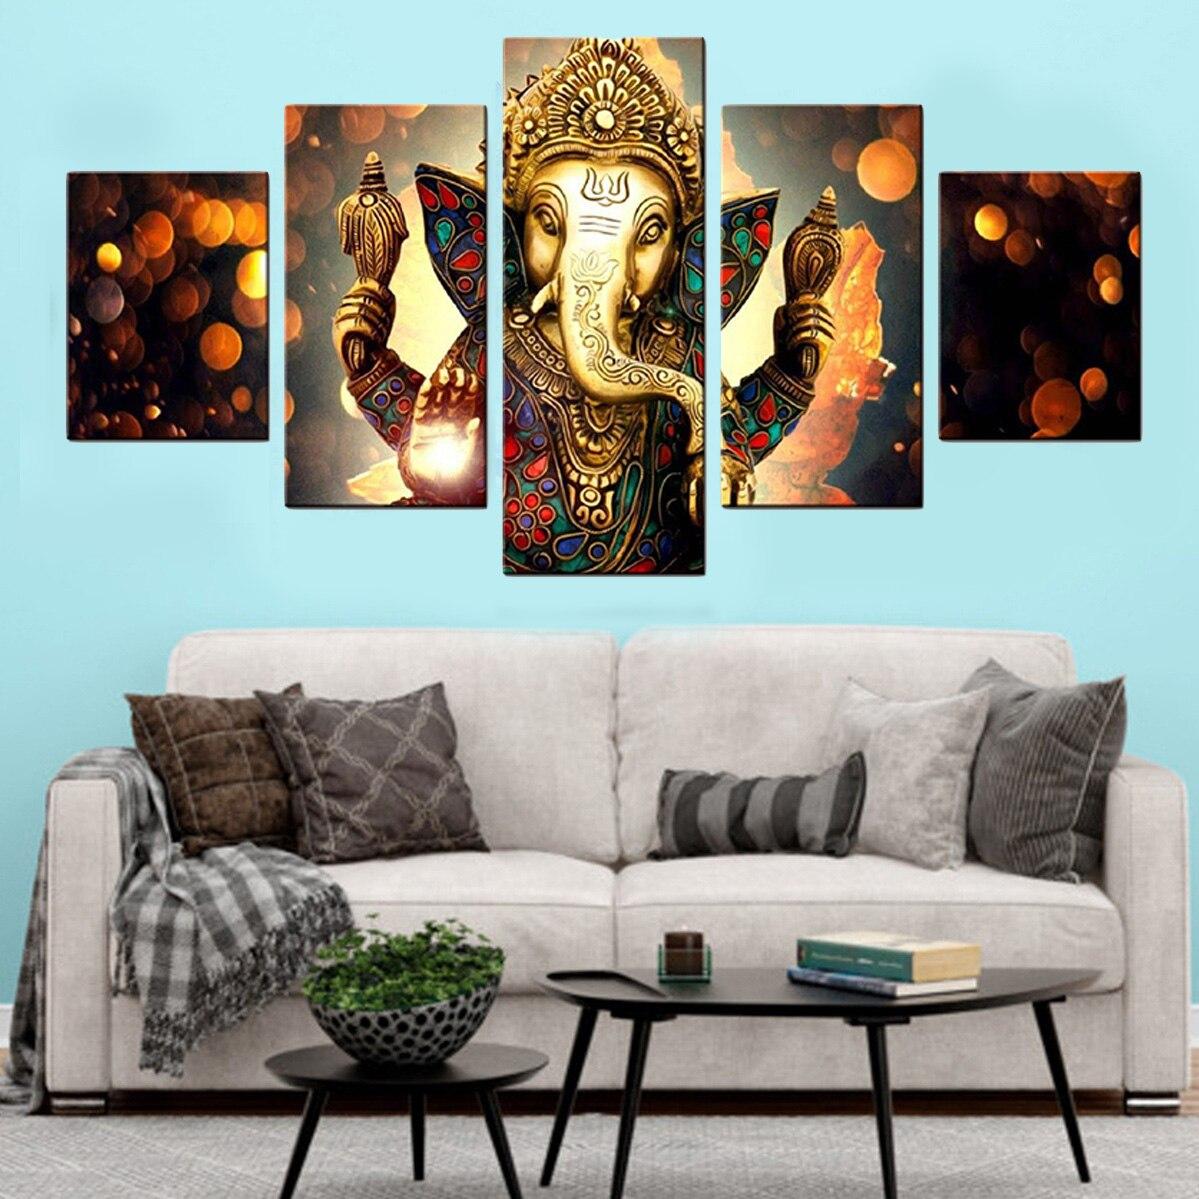 Home Decor Modular Wall Art Poster Framework Canvas Prints